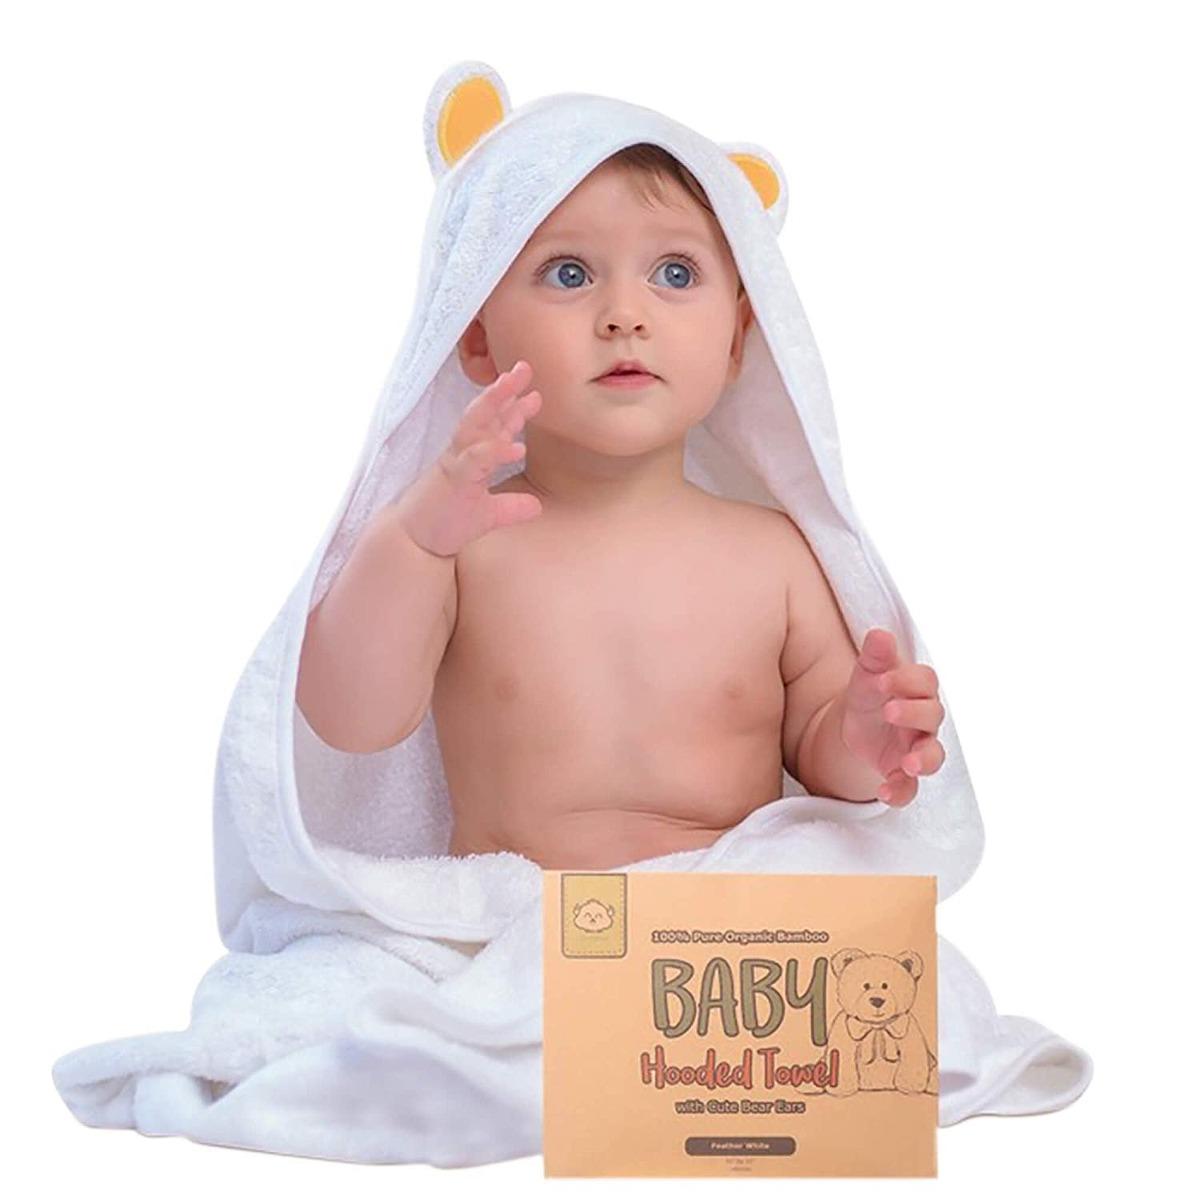 Toallas De Baño Para Bebes | Toalla De Bano Para Bebe Toallas Para Ninos Con Capucha U S 53